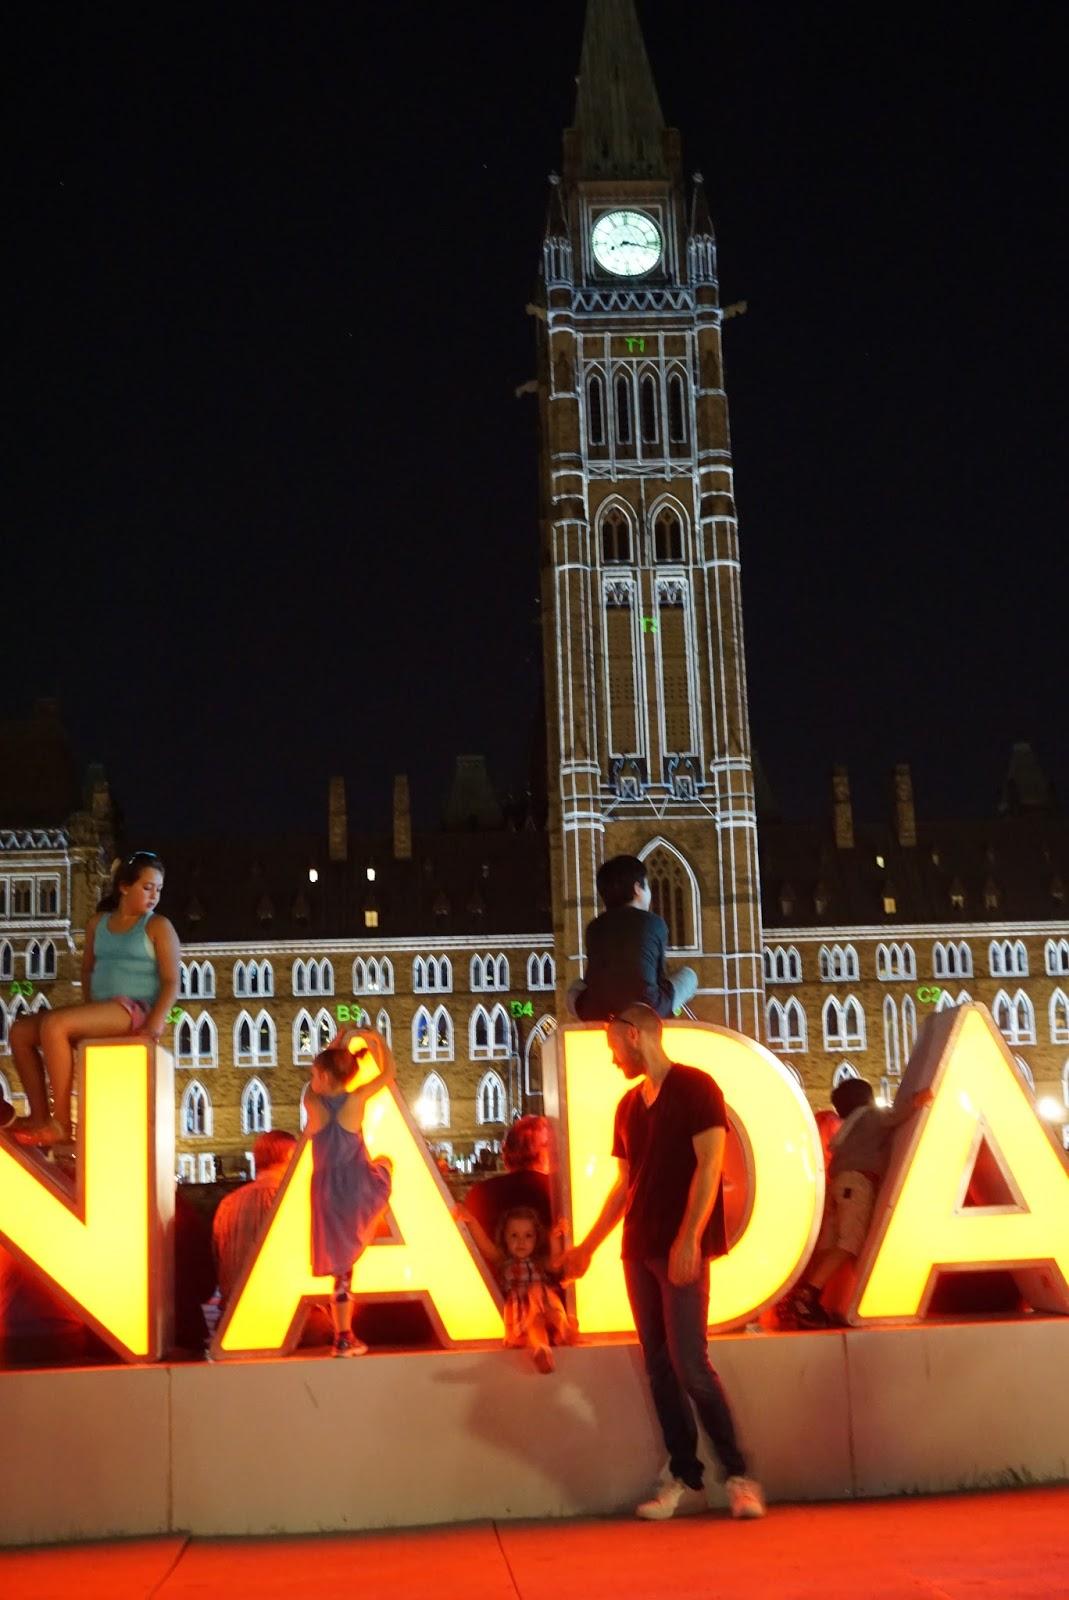 Crianças brincando no letreiro CANADA 150, na frente do Parlamento canadense, em Ottawa